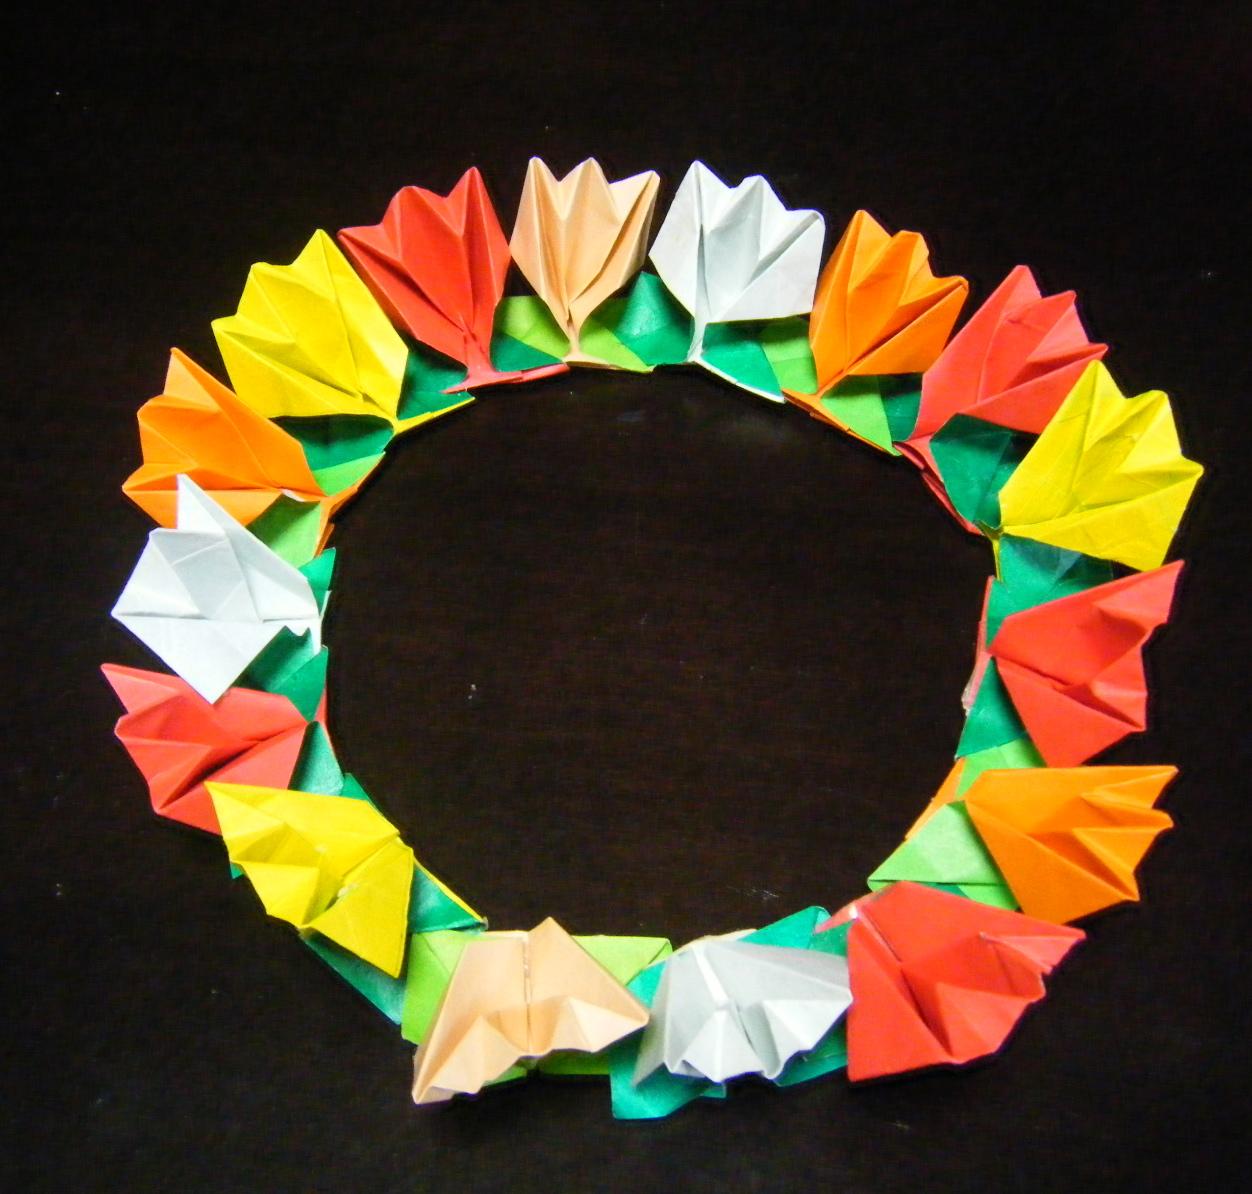 すべての折り紙 花束 折り紙 折り方 : ... 折り紙 折鶴 キリンの折り方